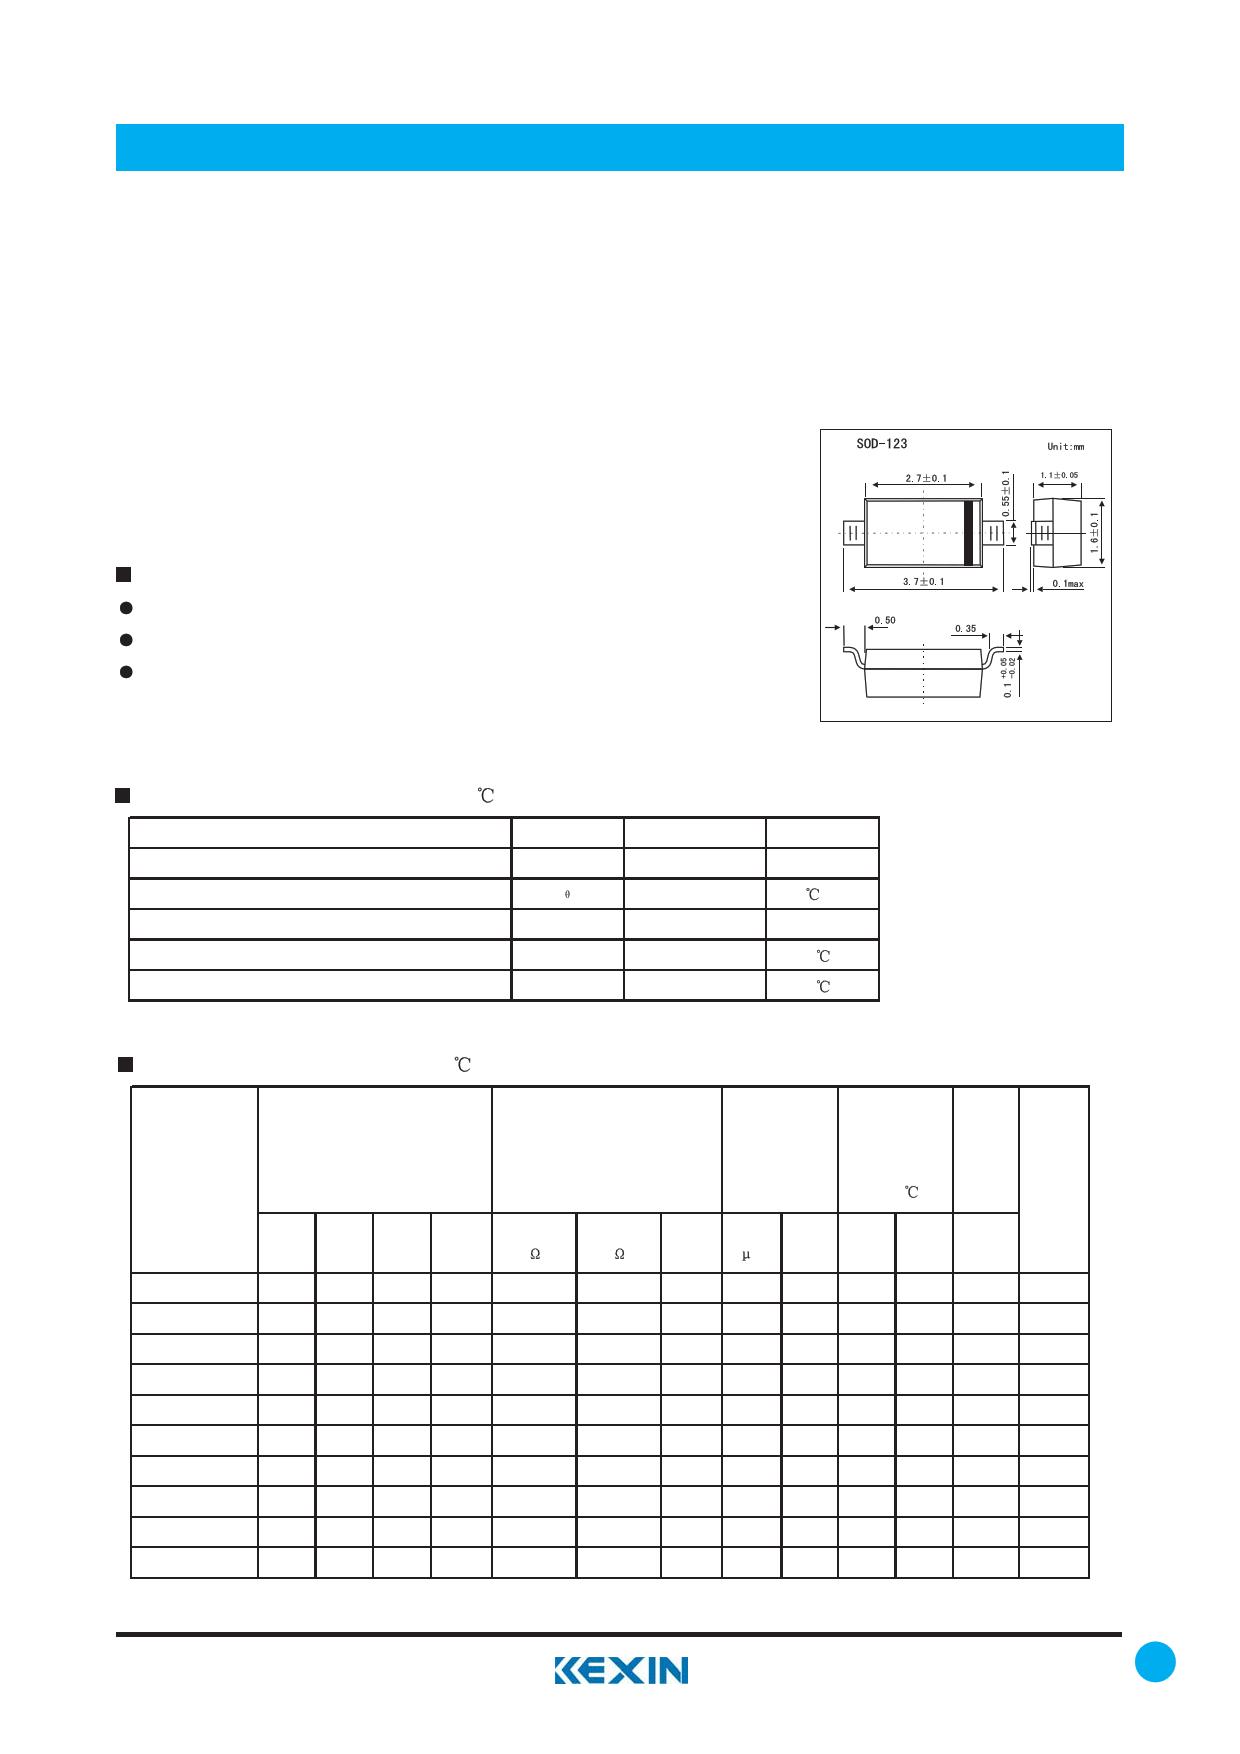 BZT52C16 Datasheet, BZT52C16 PDF,ピン配置, 機能